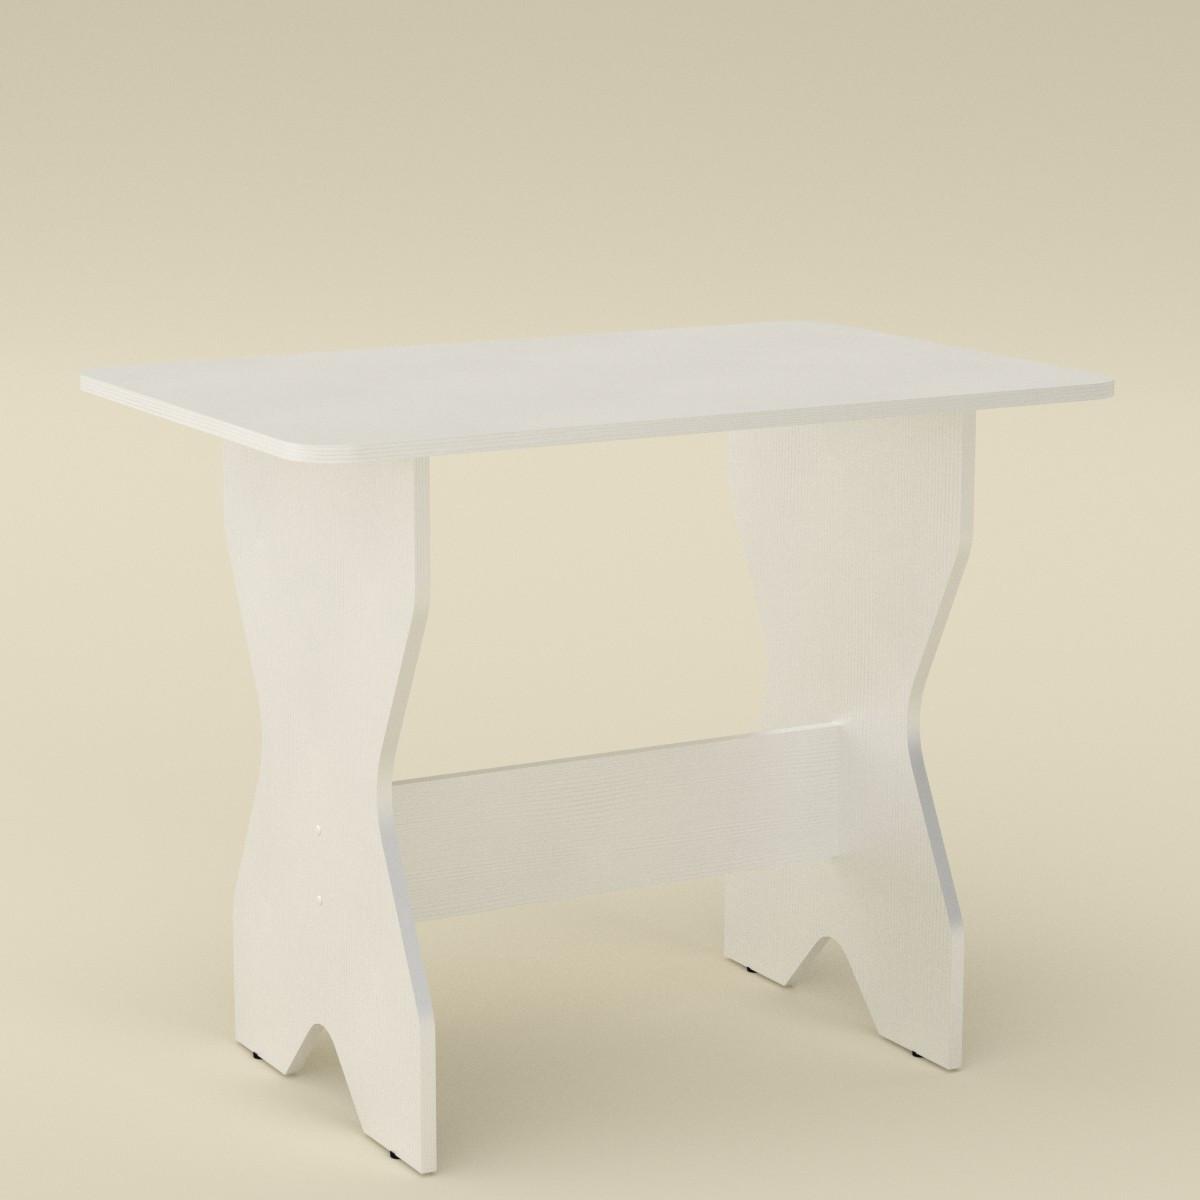 Стол кухонный КС-1 белый Компанит (90х59х72 см)